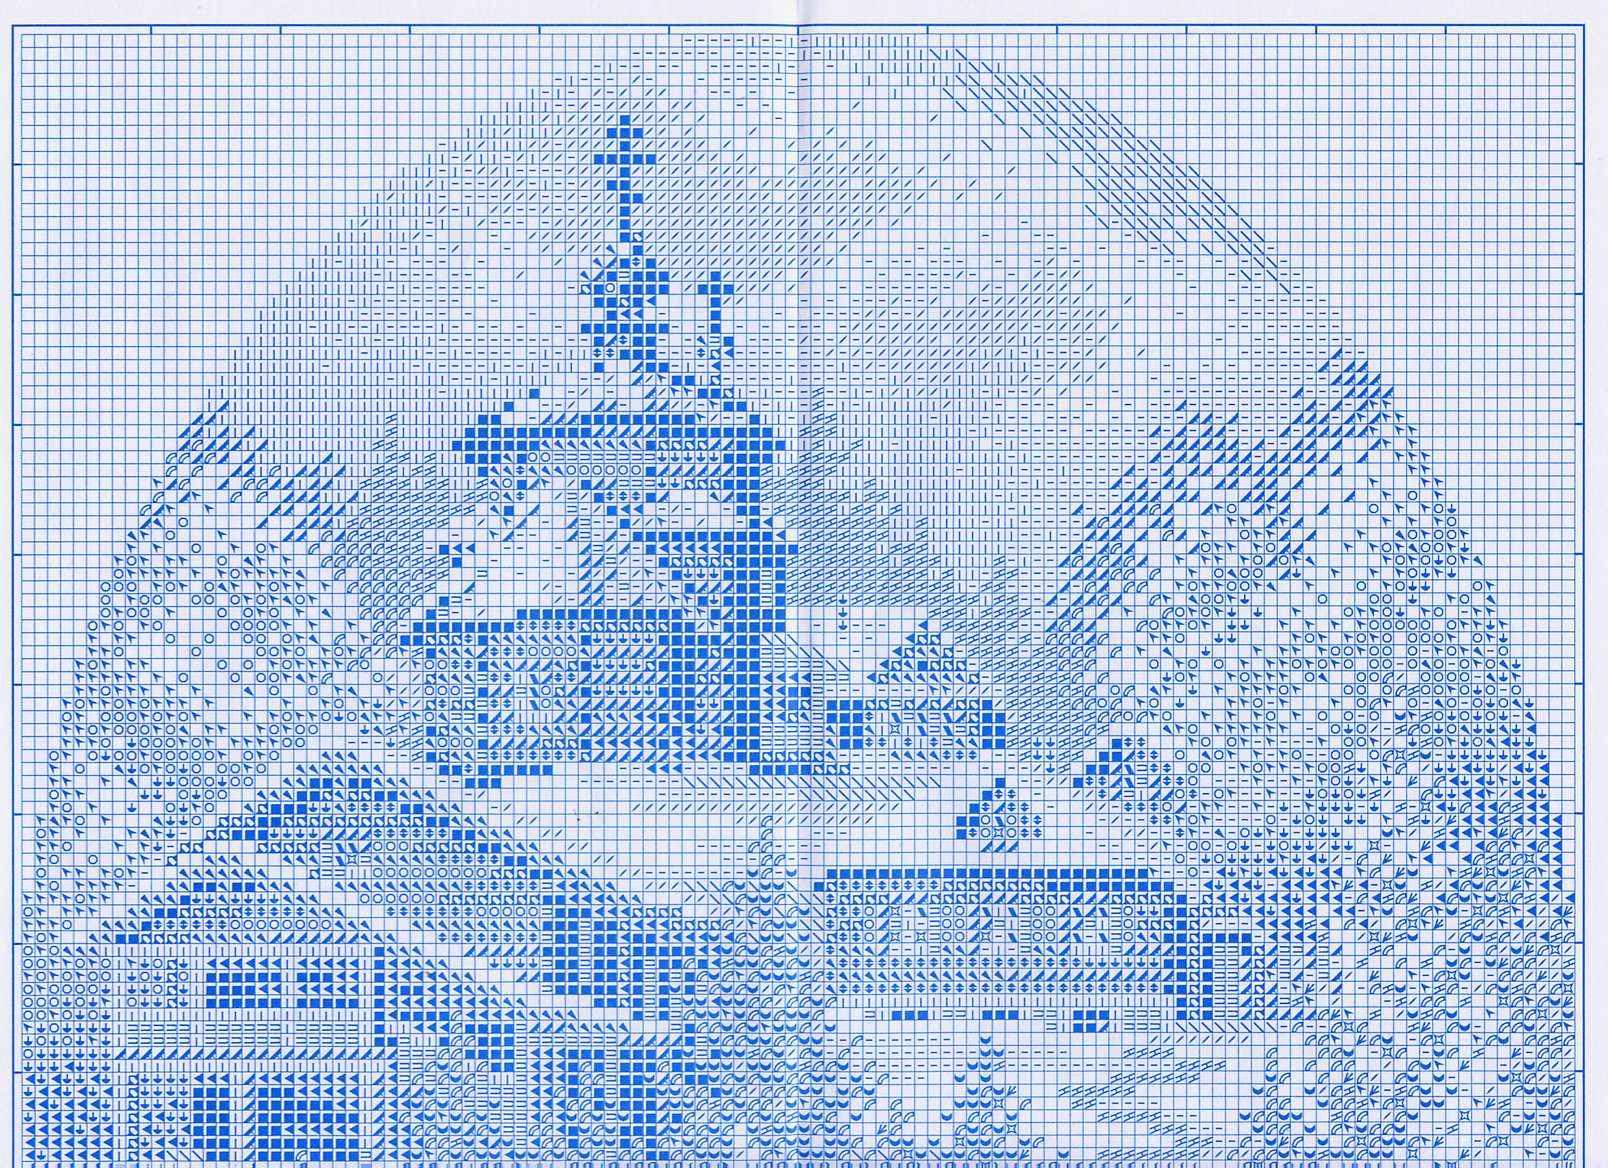 Вышивка первый снег схема 97